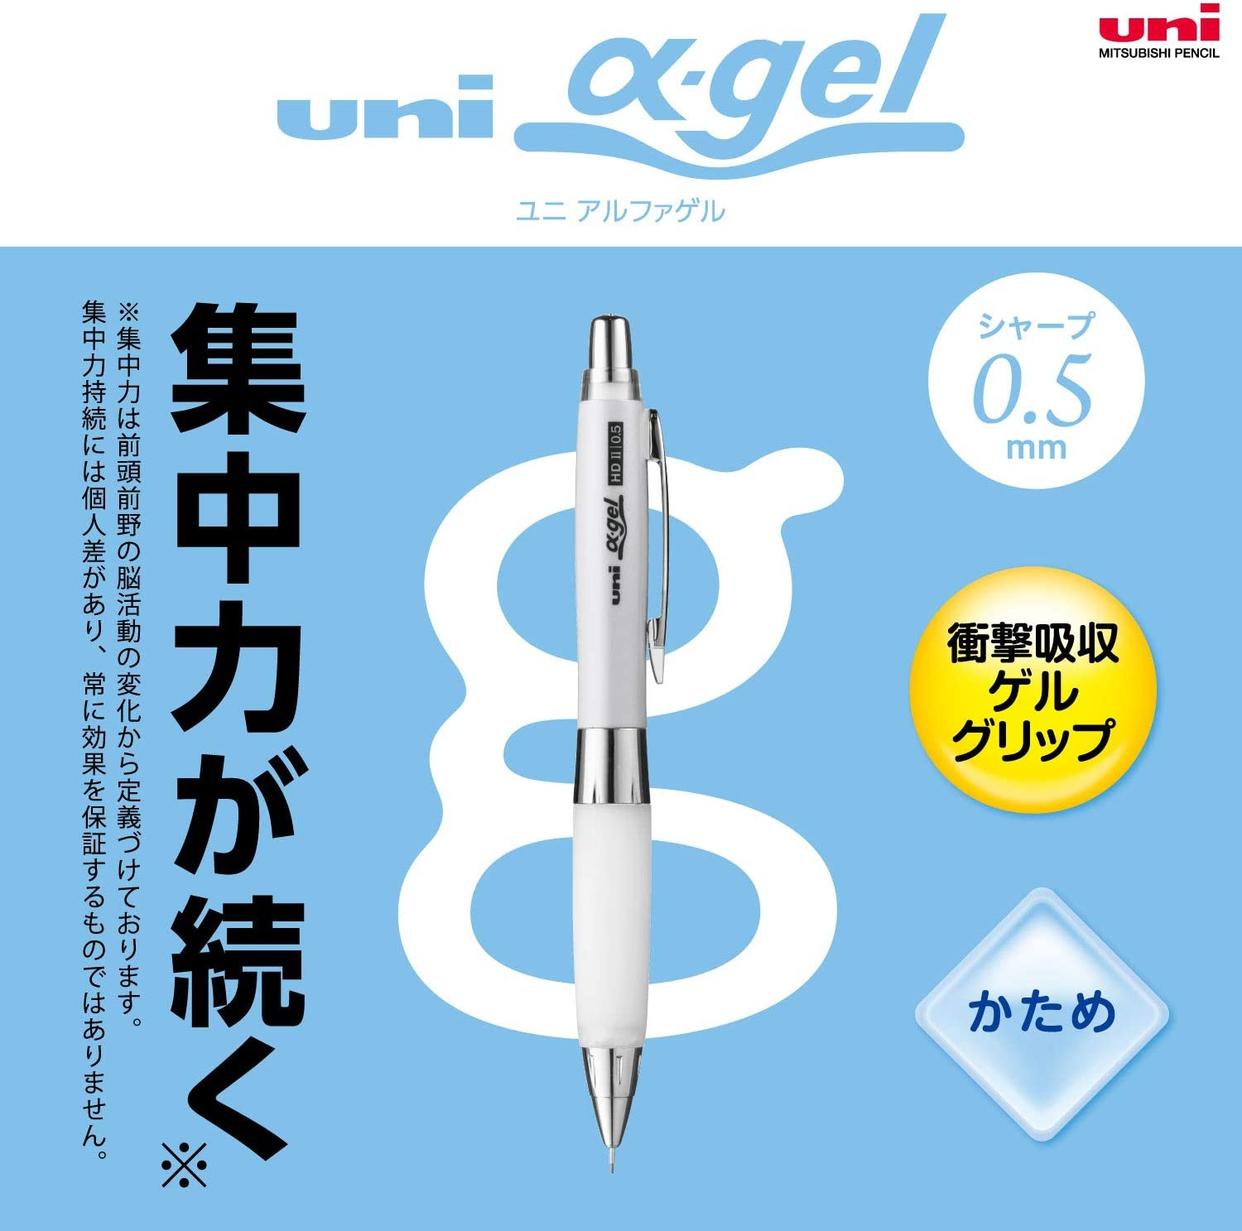 uni α-gel(ユニ アルファゲル) シャカシャカ機構搭載モデル:かため  M5-619GG 1Pの商品画像2